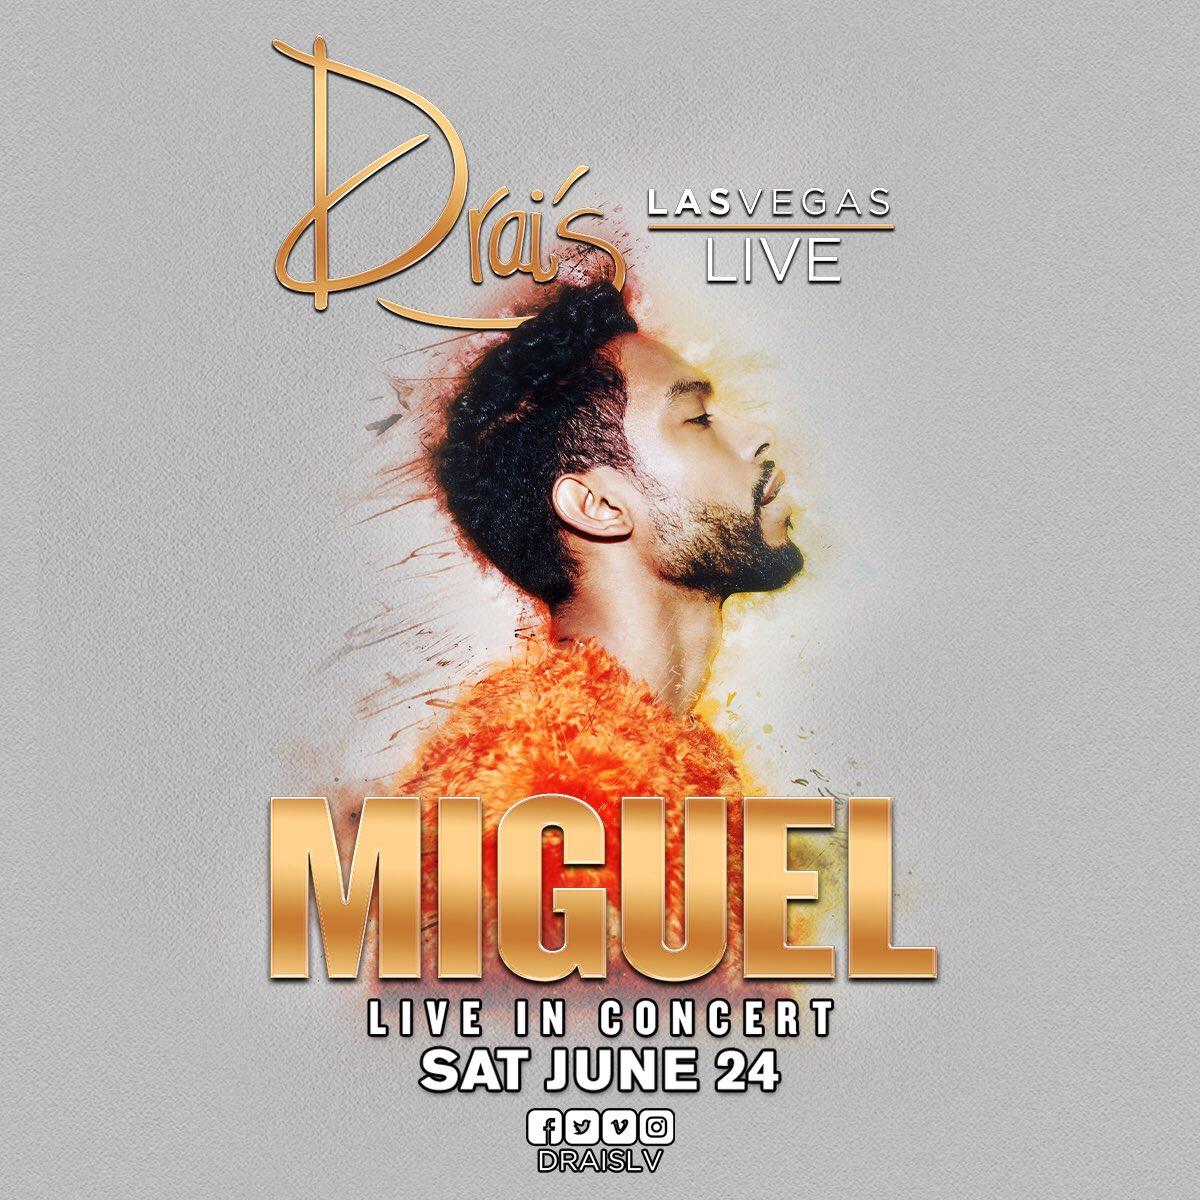 TONIGHT @Miguel returns to the world famous #Drais stage!   #DraisLV #DraisLIVE #DraisNightclub #LasVegas #Vegas #Miguel #R&amp;B #HipHop<br>http://pic.twitter.com/xT2glD0mOU &ndash; bij Drais Las Vegas